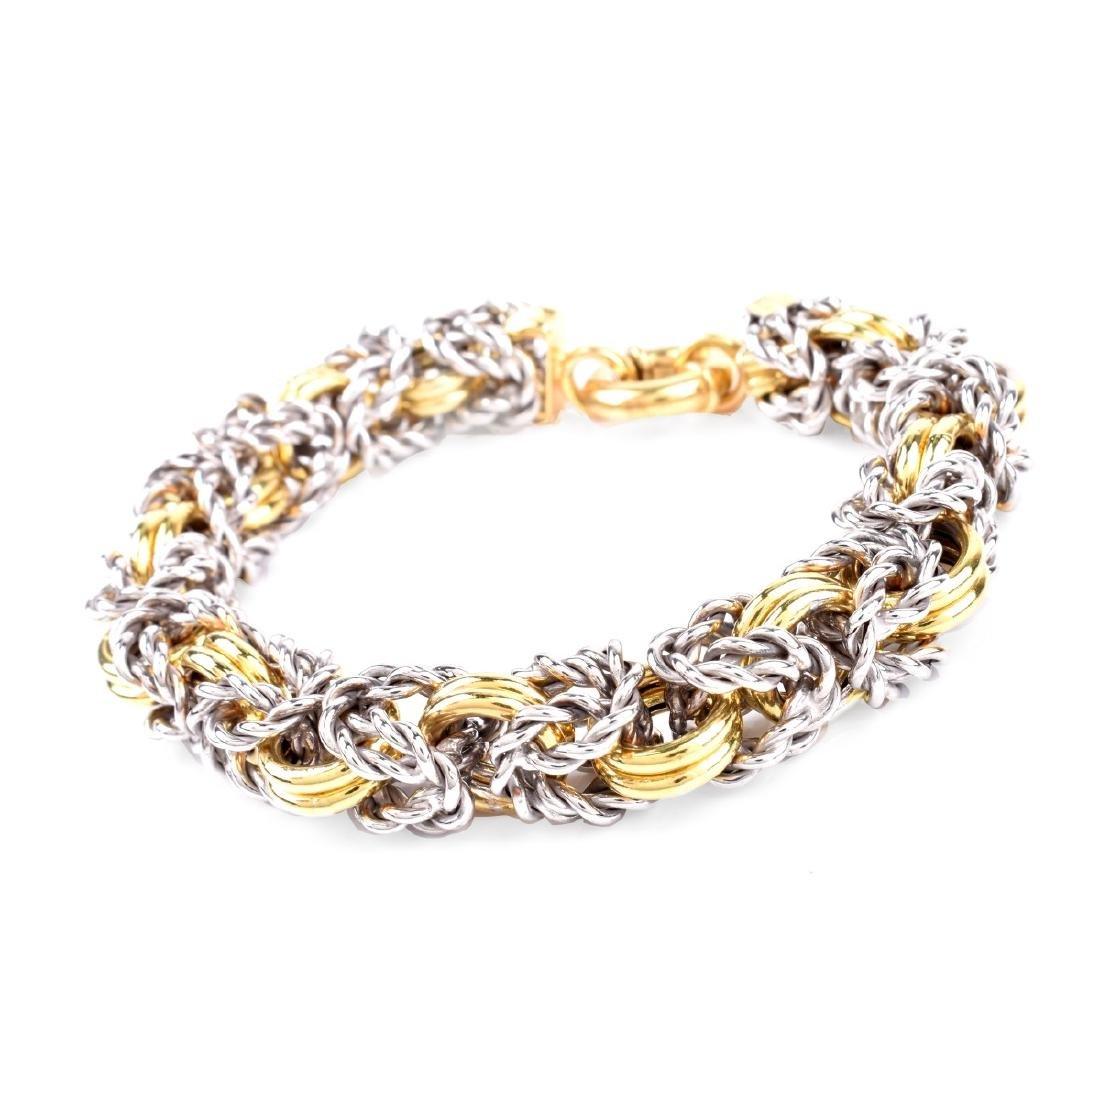 Italian 18K Gold Link Bracelet - 2